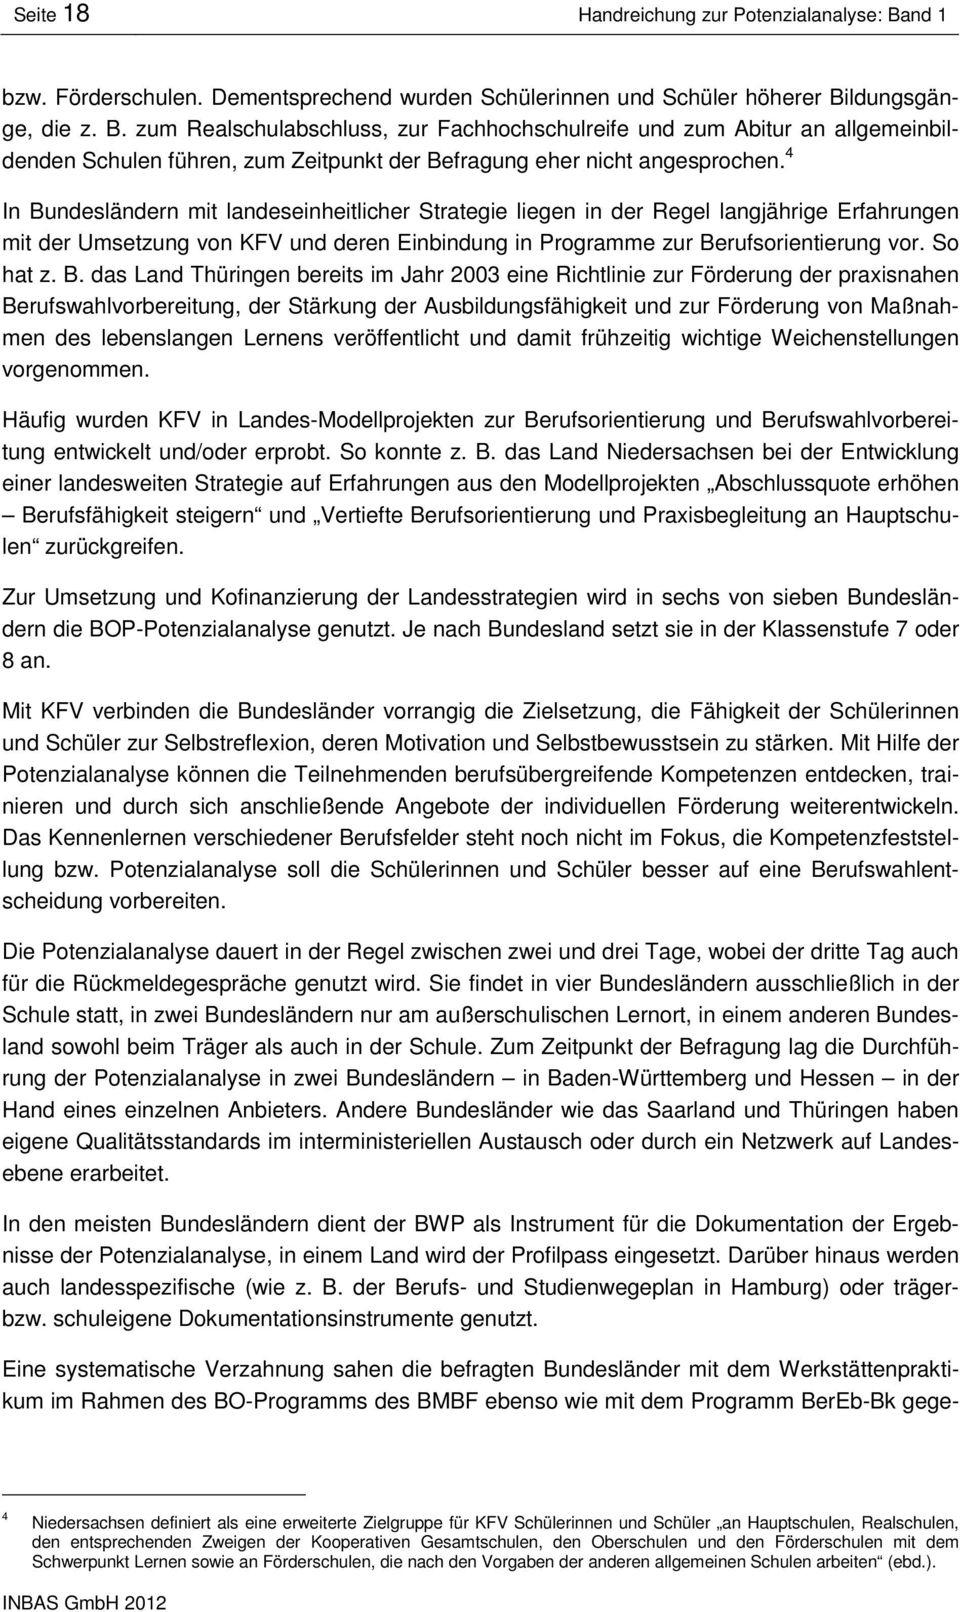 Potenziale Erkennen Und Fördern. Qualität Entwickeln. - Pdf concernant Bo Programmes 2012